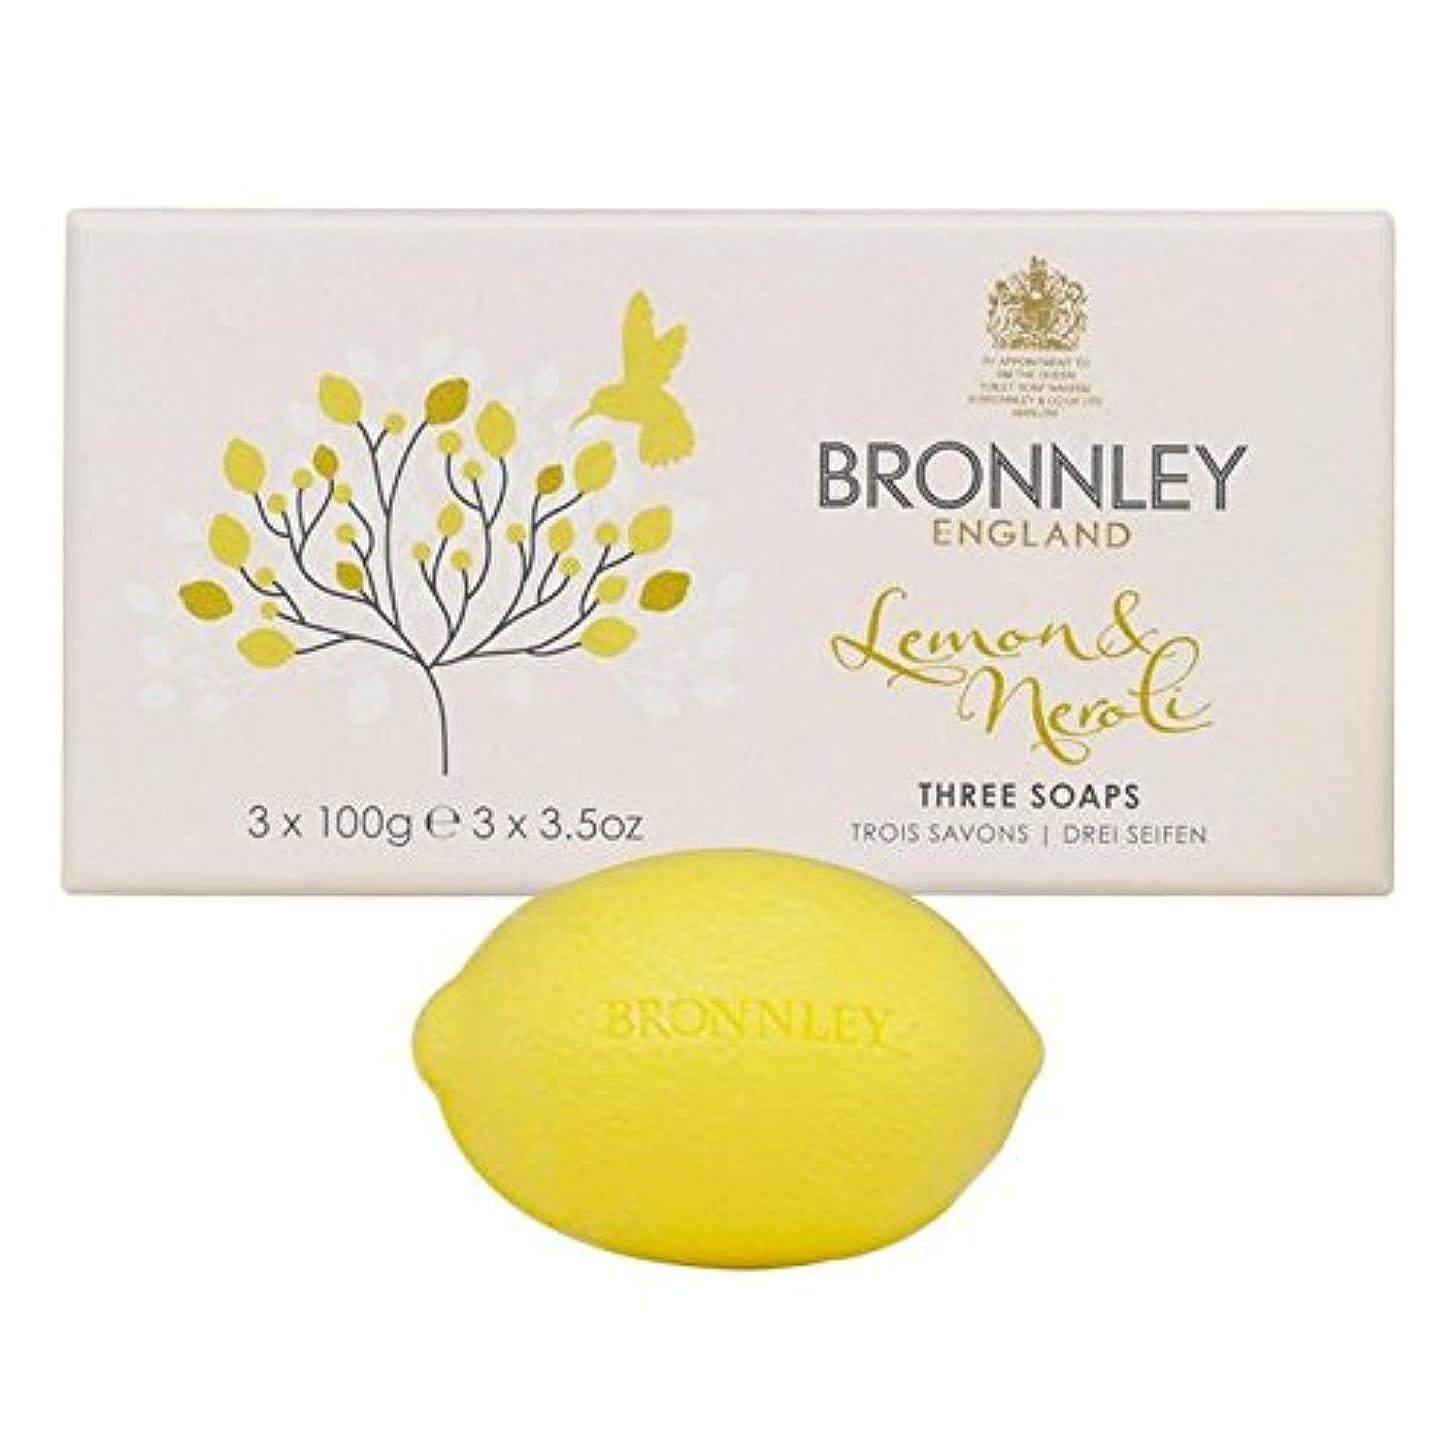 抹消ランプ悪性レモン&ネロリ石鹸3×100グラム x2 - Bronnley Lemon & Neroli Soaps 3 x 100g (Pack of 2) [並行輸入品]